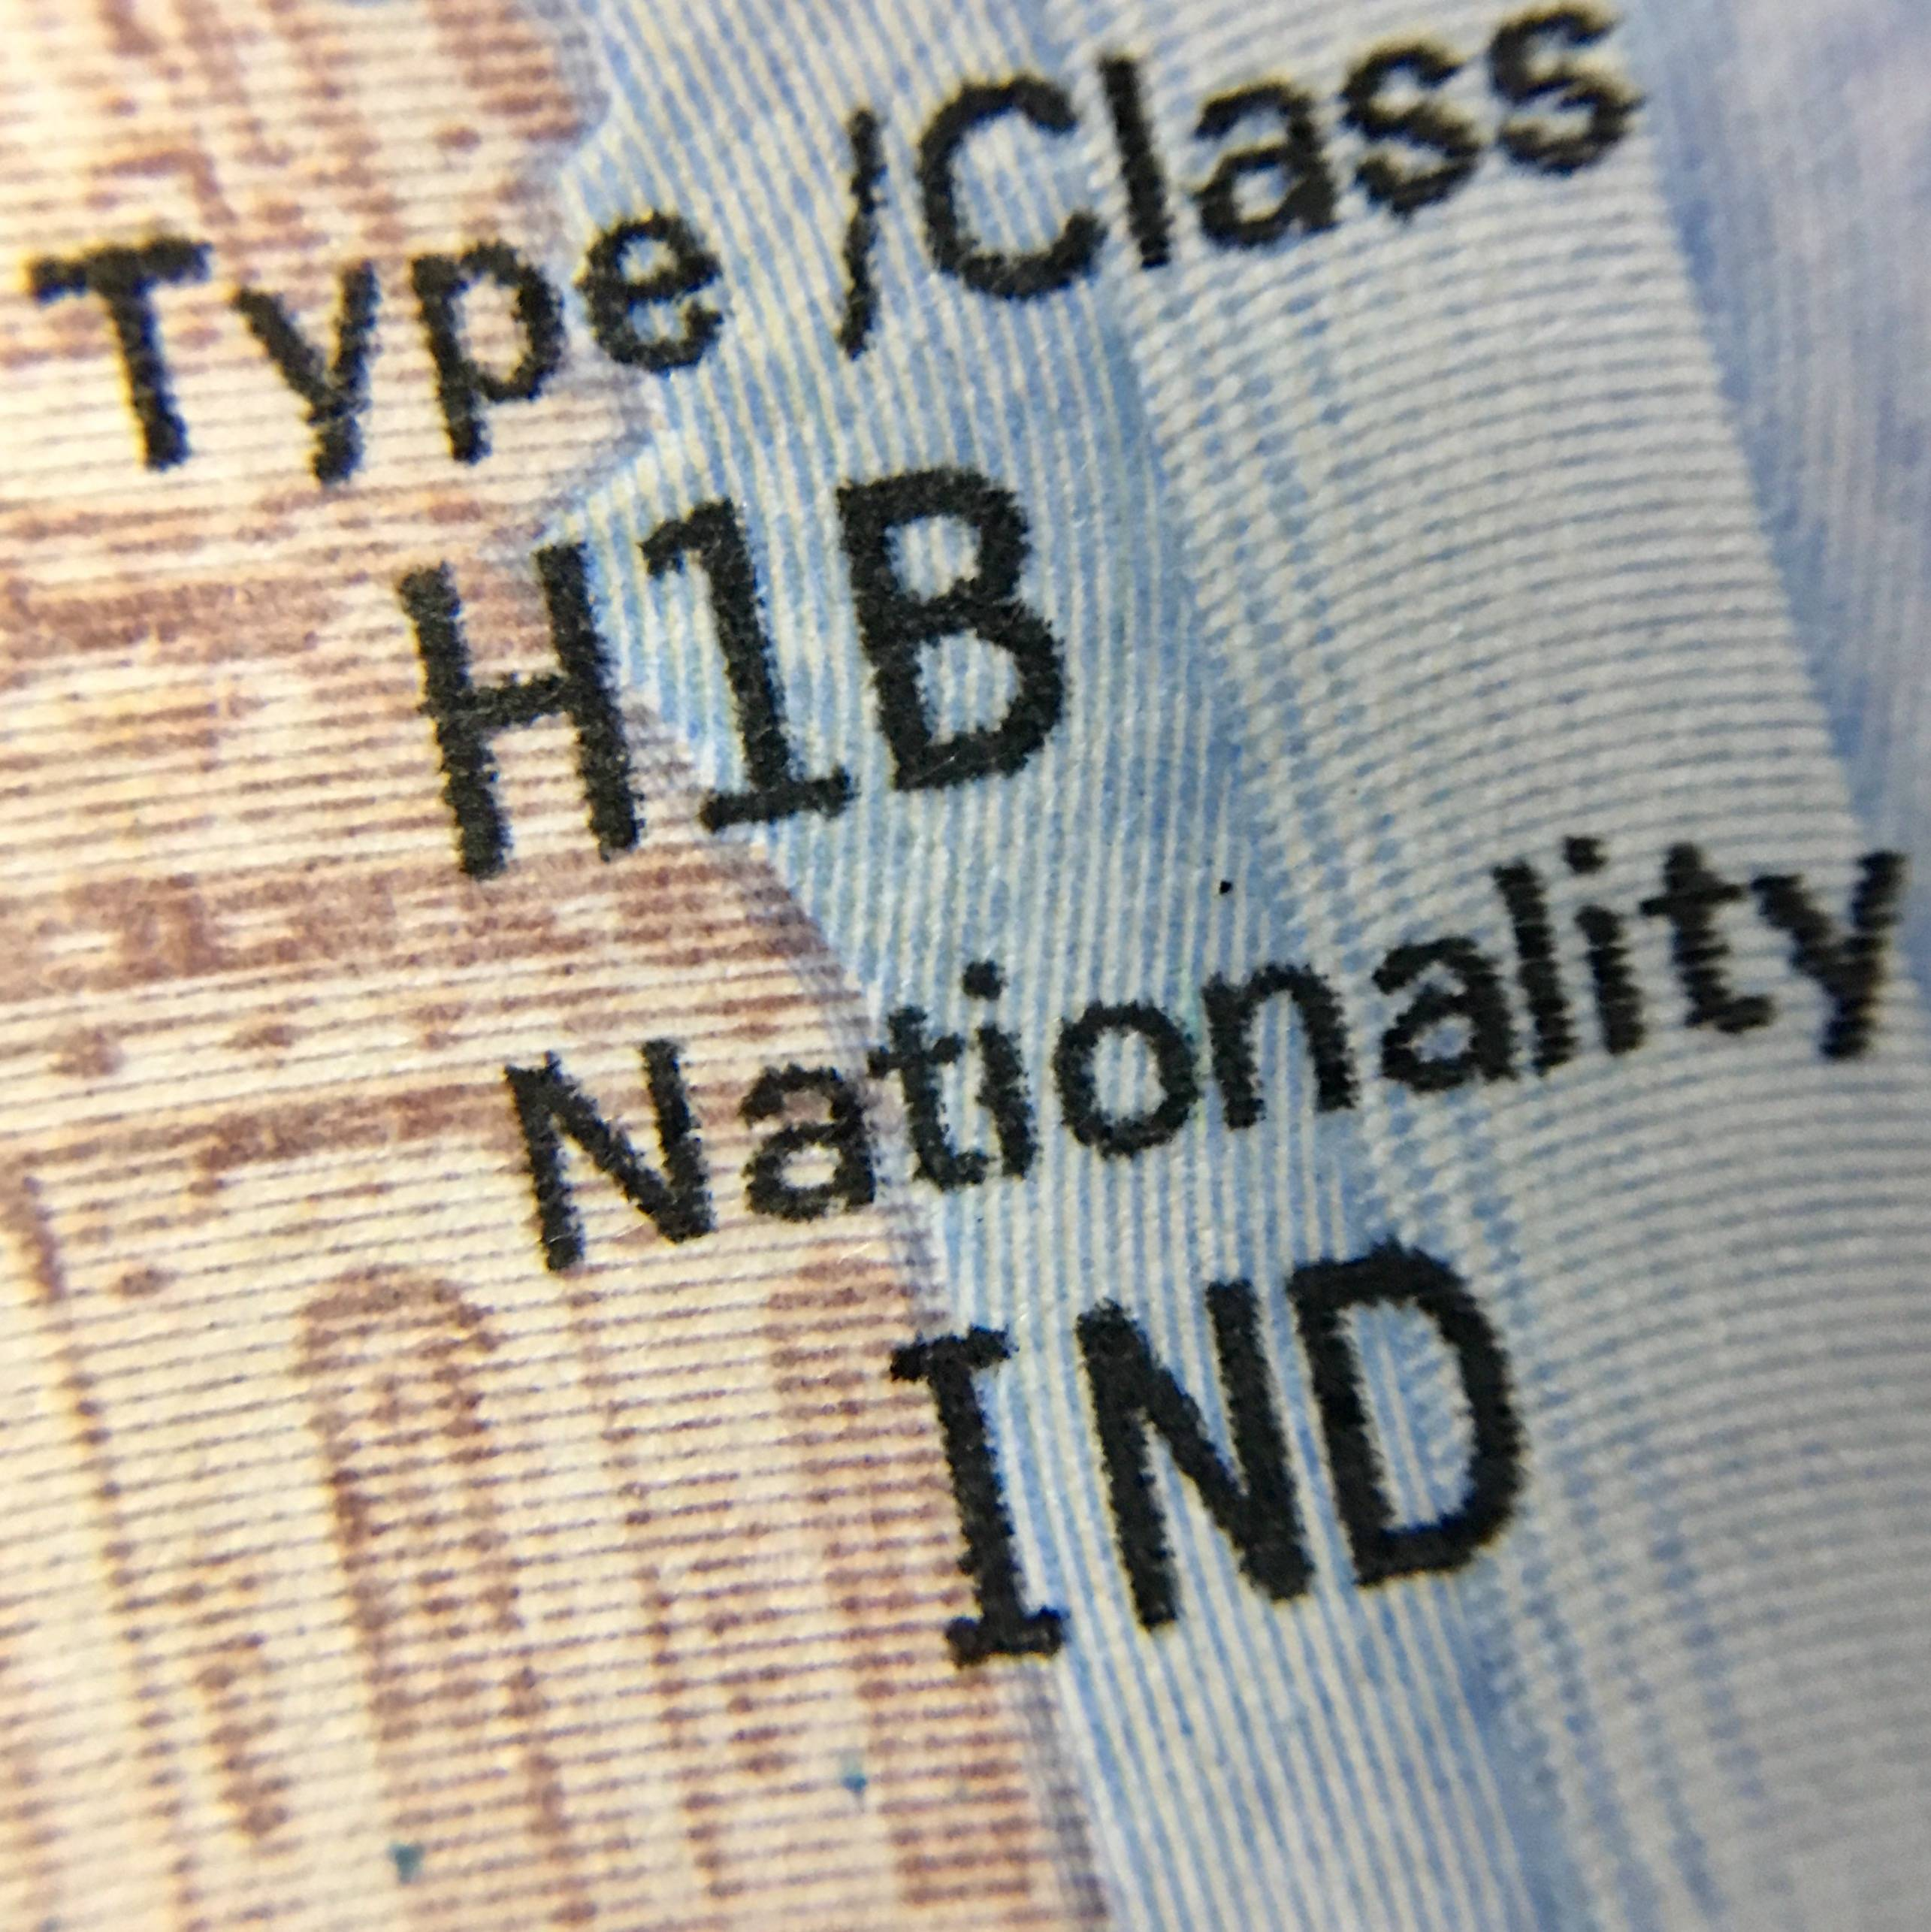 Le visa H1B pour travailler librement aux USA